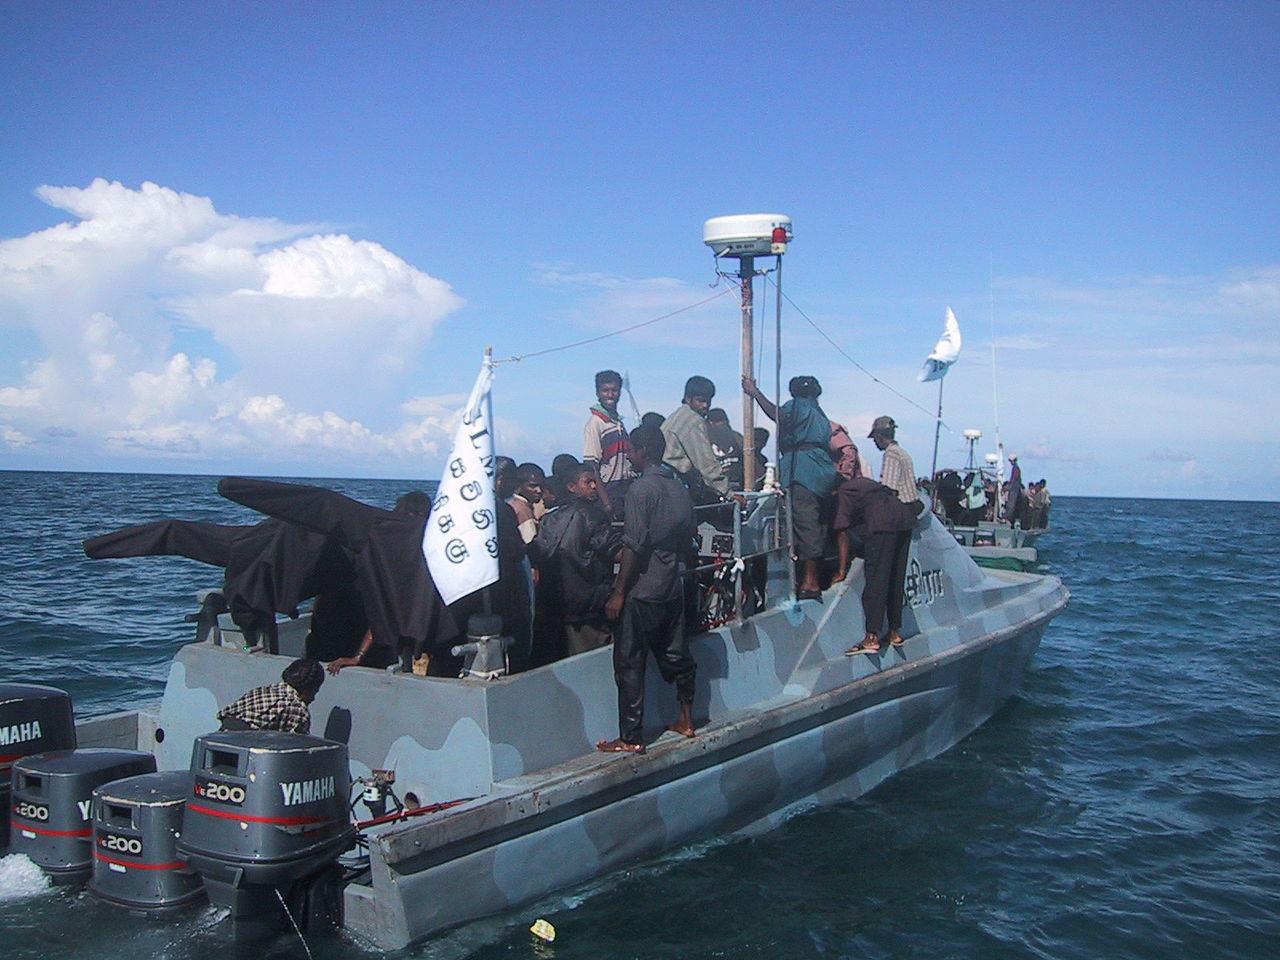 Sea tigers LTTW